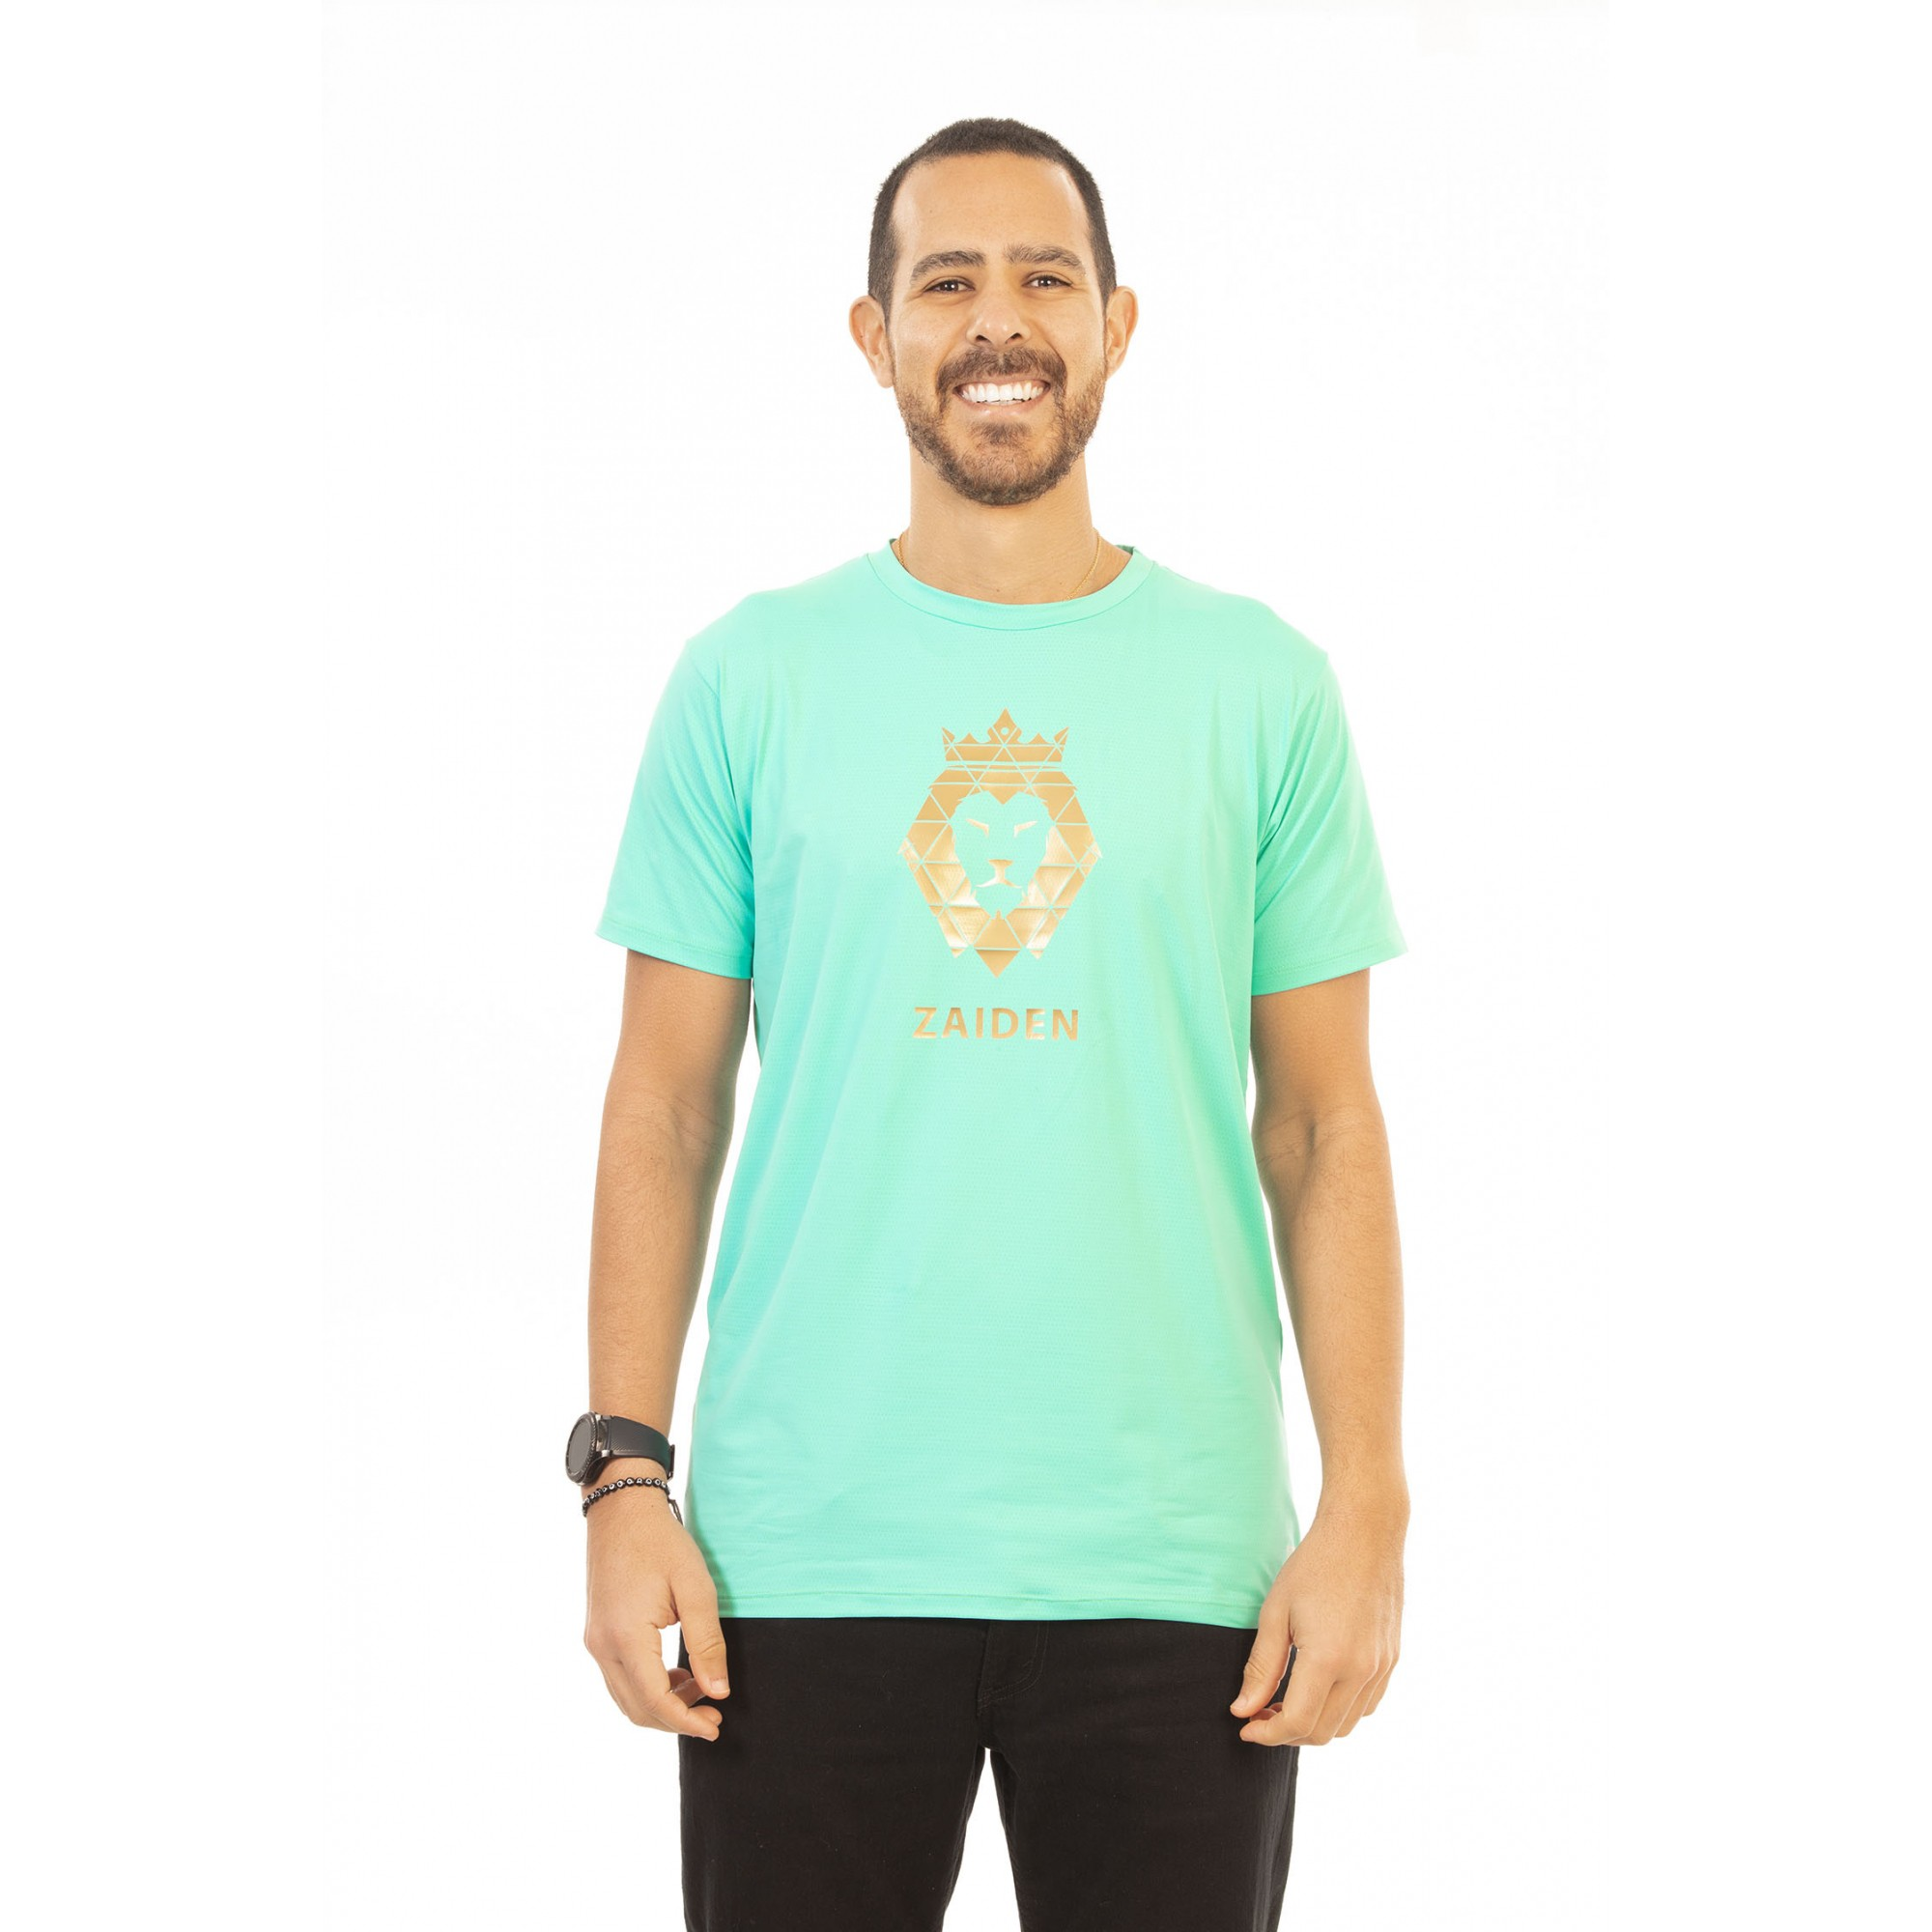 Camiseta Masculina Poliamida ZAIDEN Ocean